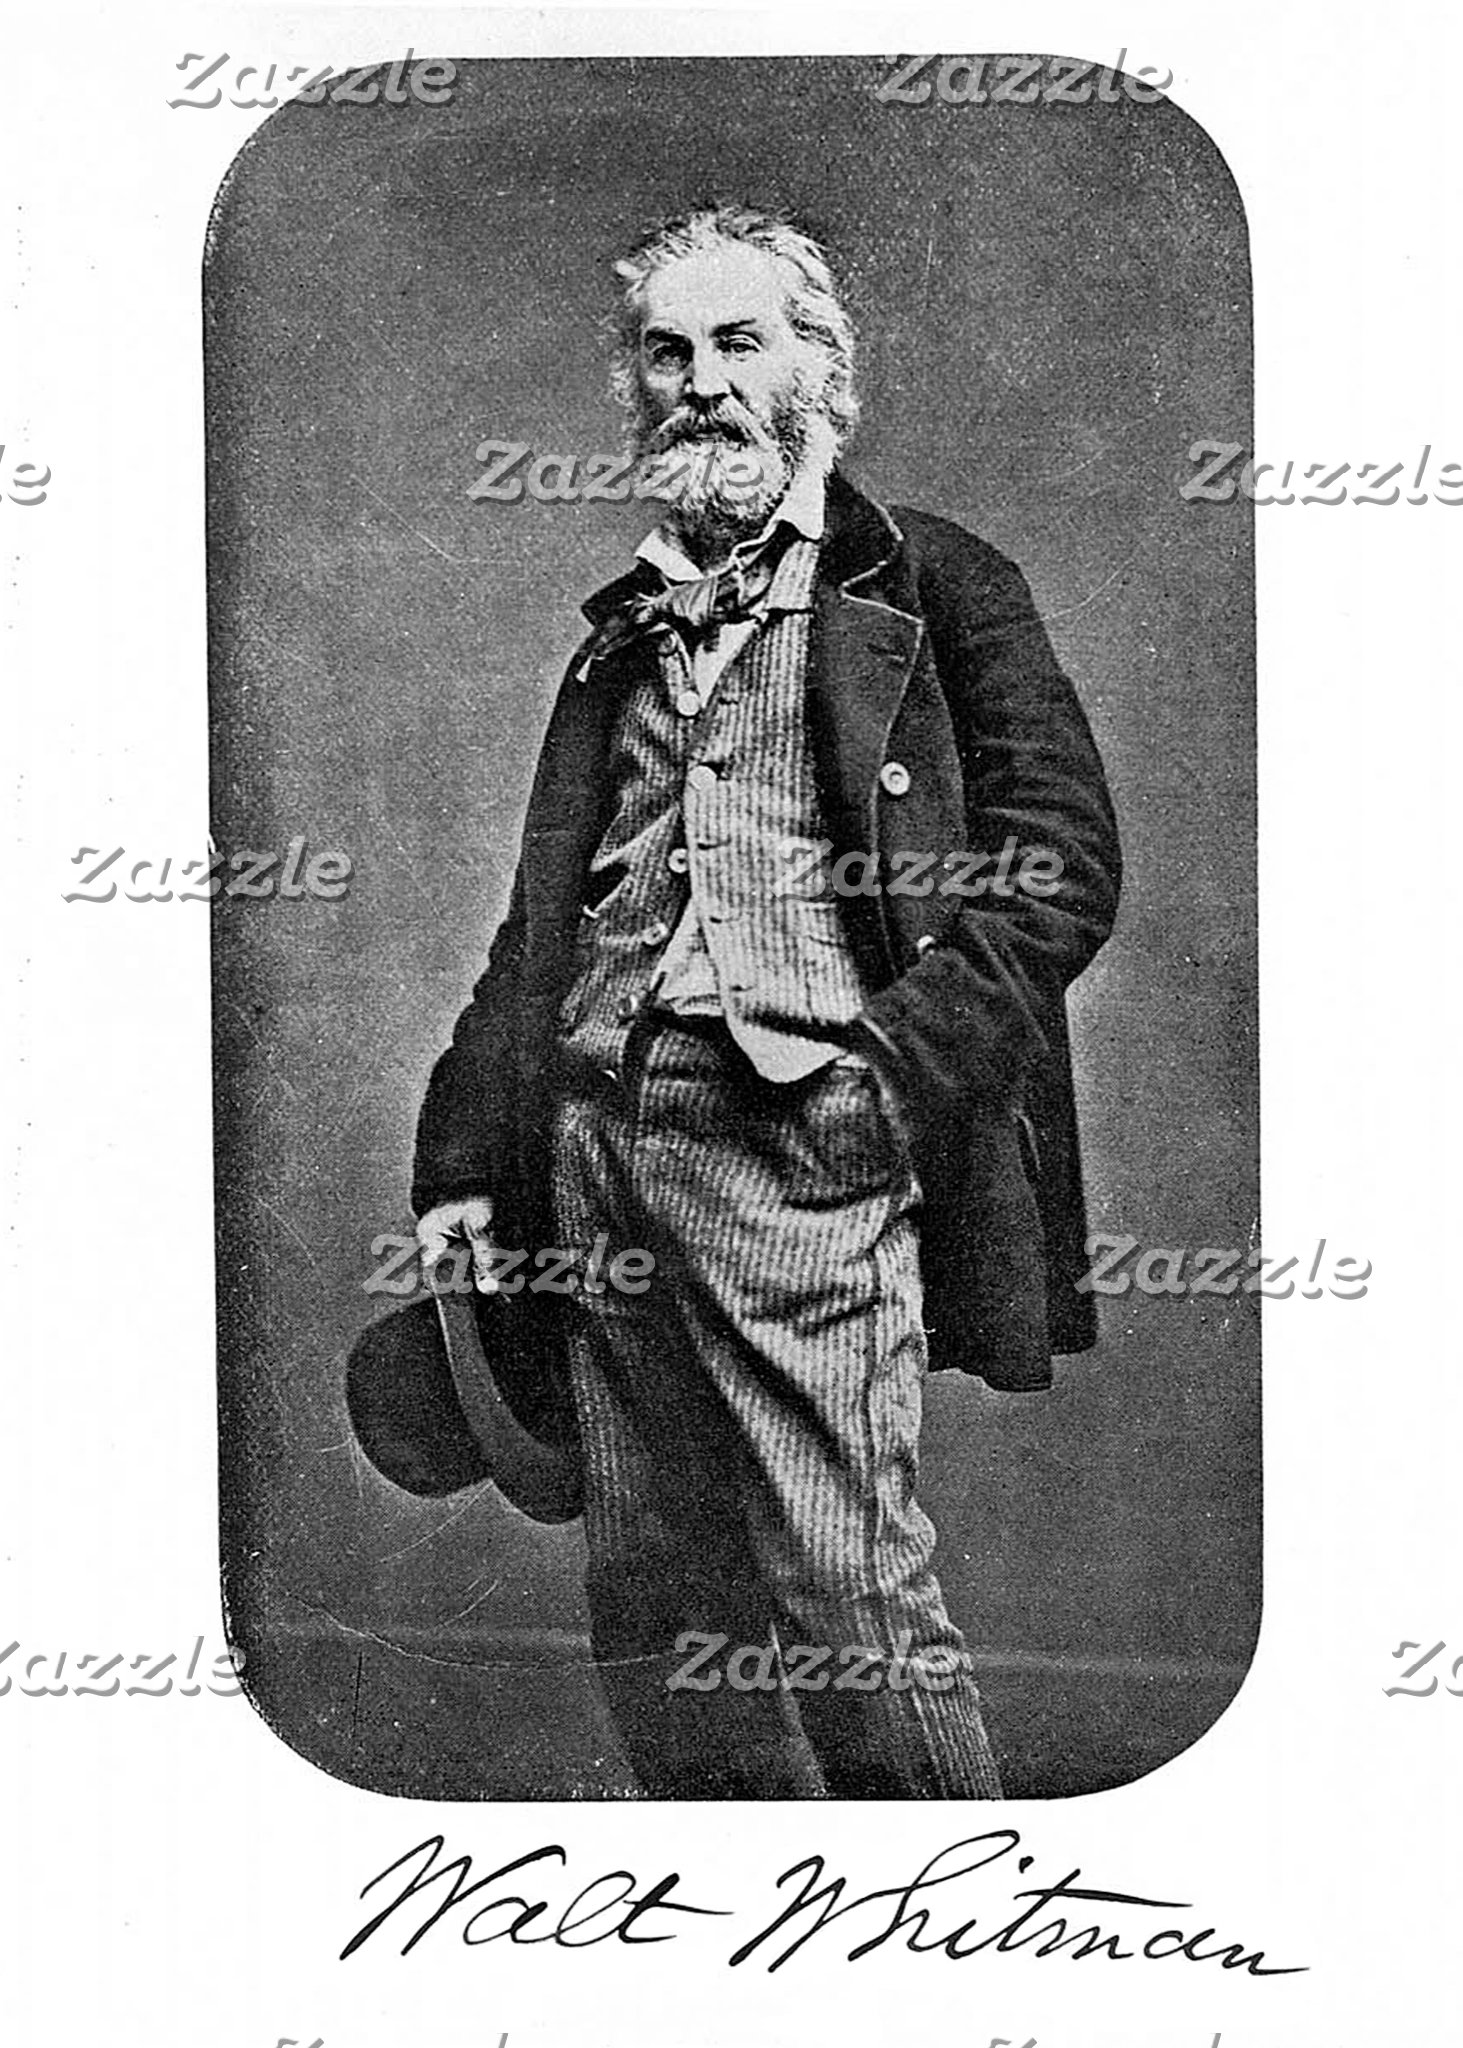 Whitman as a Young Man